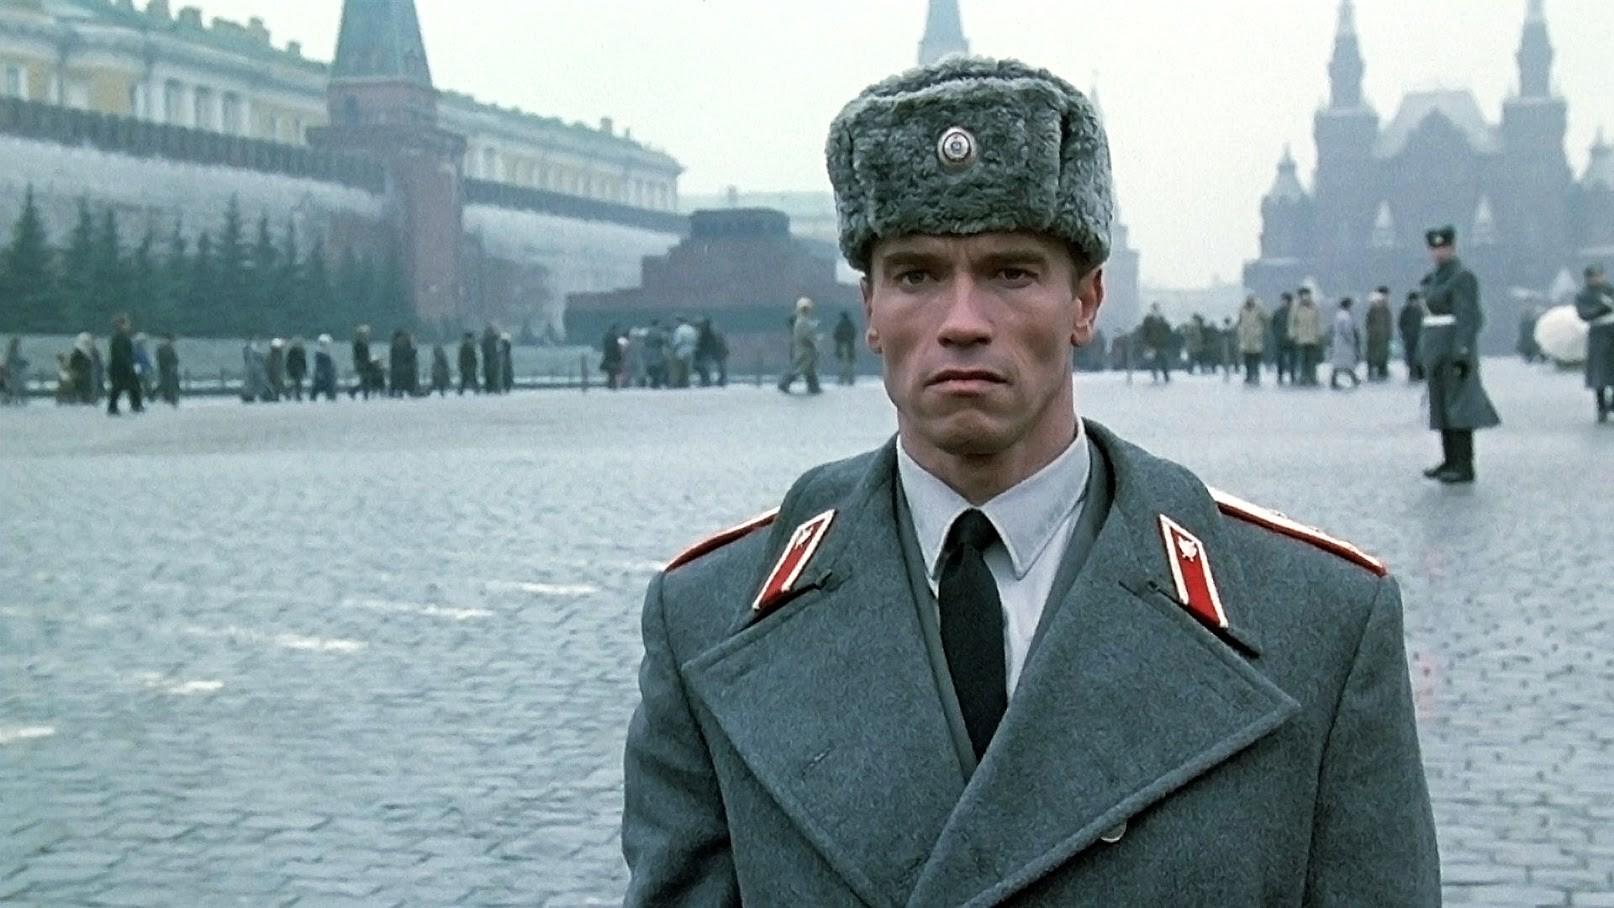 Ivan Danko, Rdeča vročica (Red Heat, 1988).